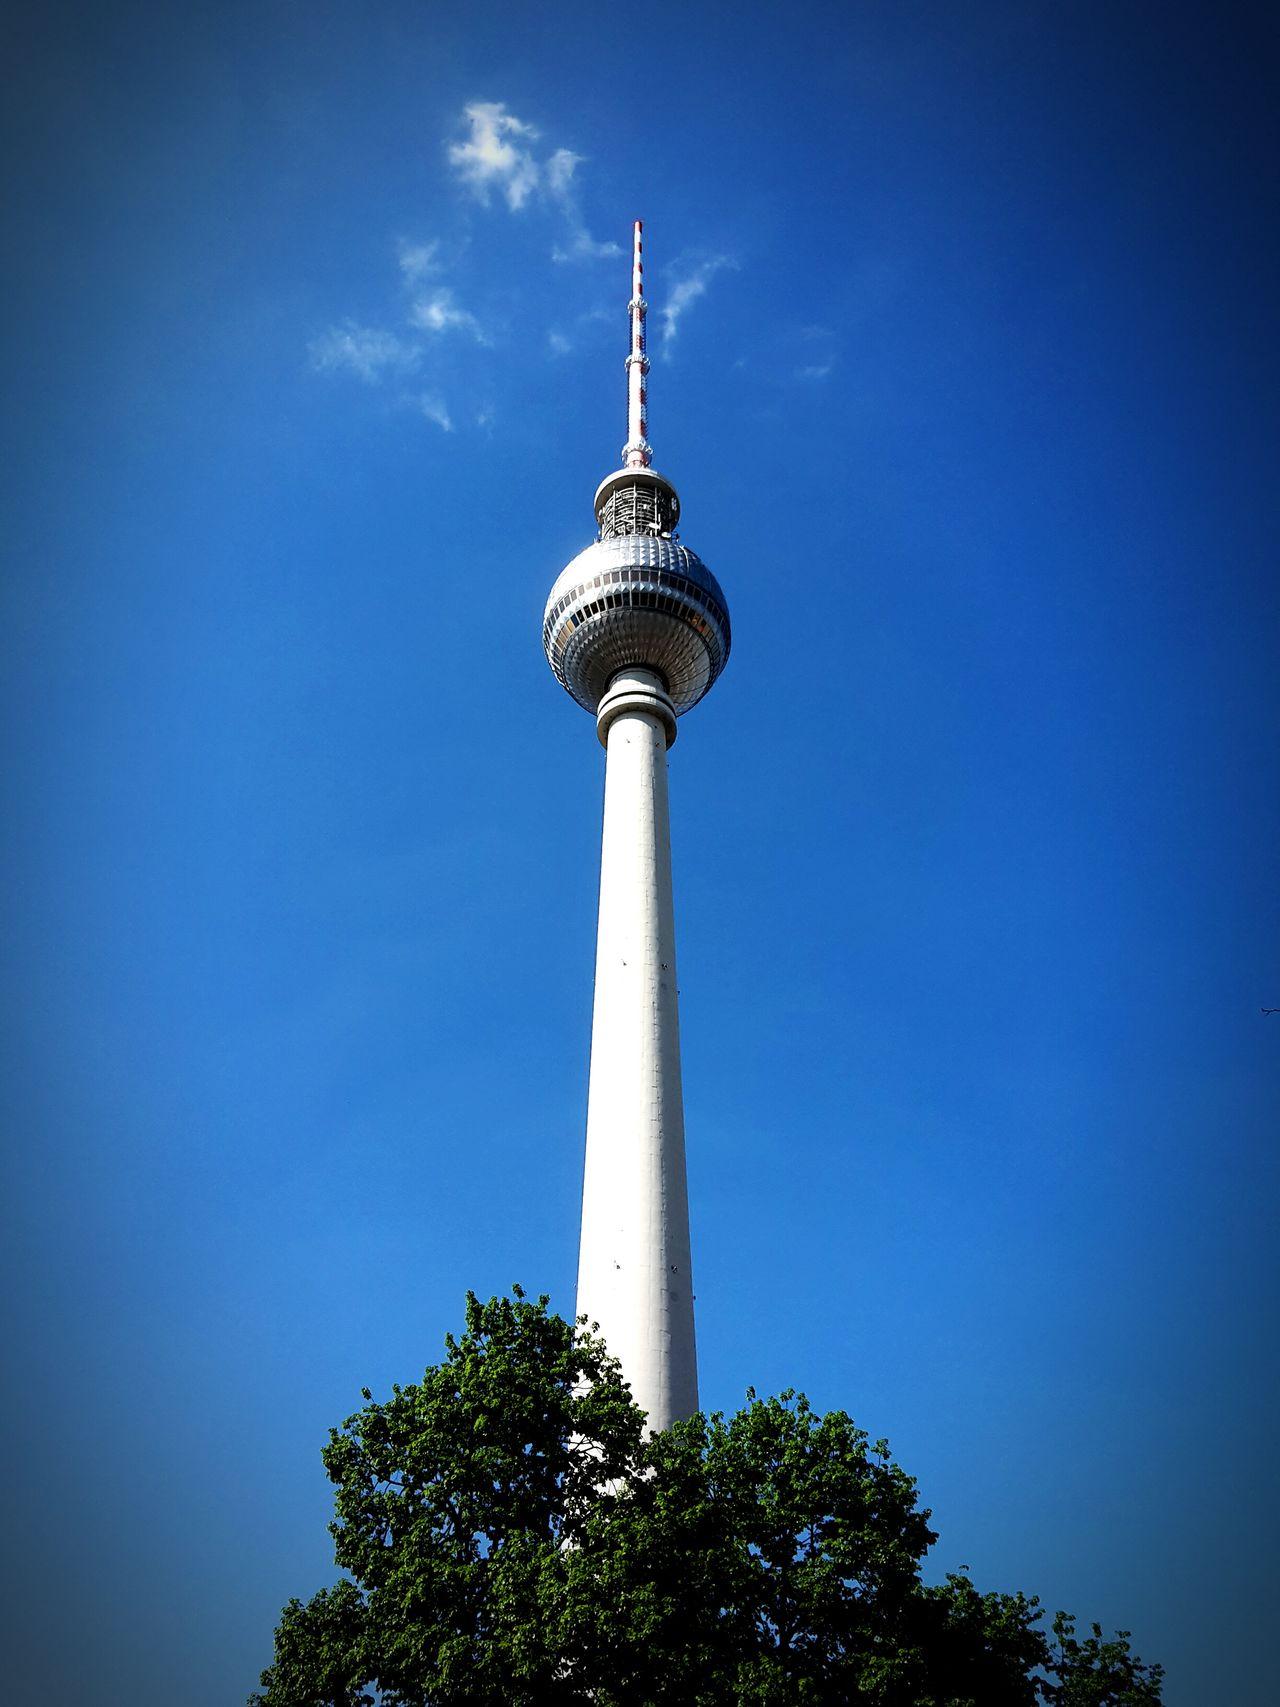 Berliner Fernsehturm im Mai 2016 Berliner Ansichten Berlindubistsowunderbar Berlin Photography Berlineransichten Berlin Fernsehturm Fernsehturm Berlin  Fernsehturm / Tv Tower Fernsehturmberlin